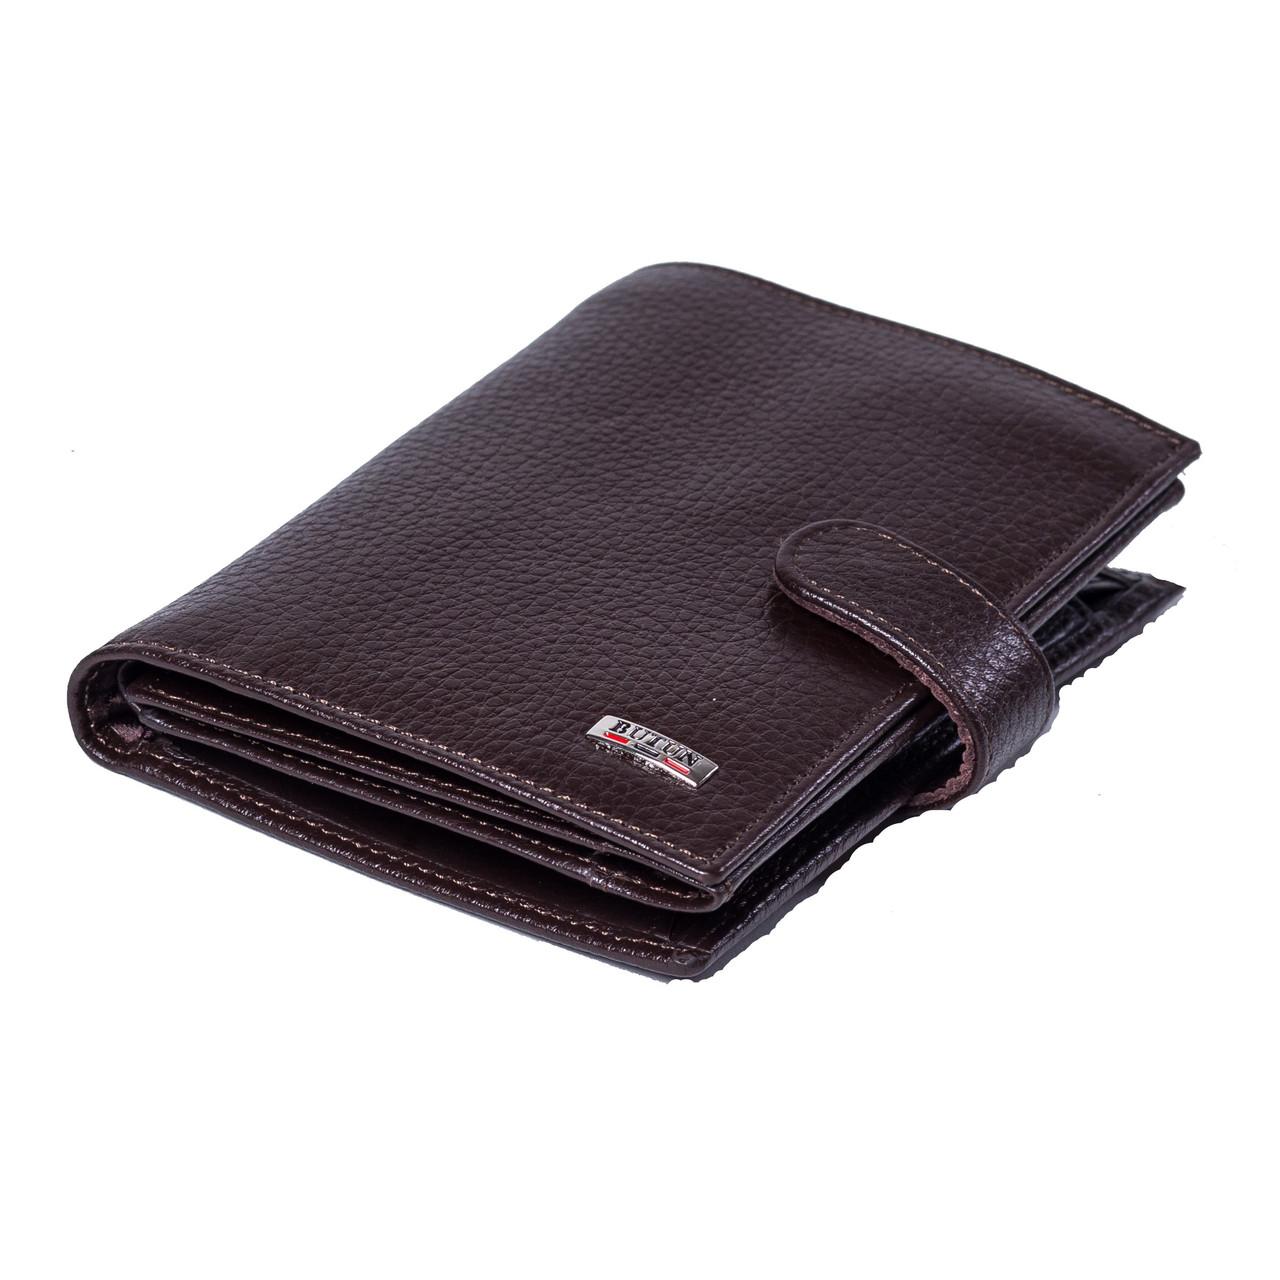 Мужской кошелек BUTUN 186-004-004 кожаный темно-коричневый